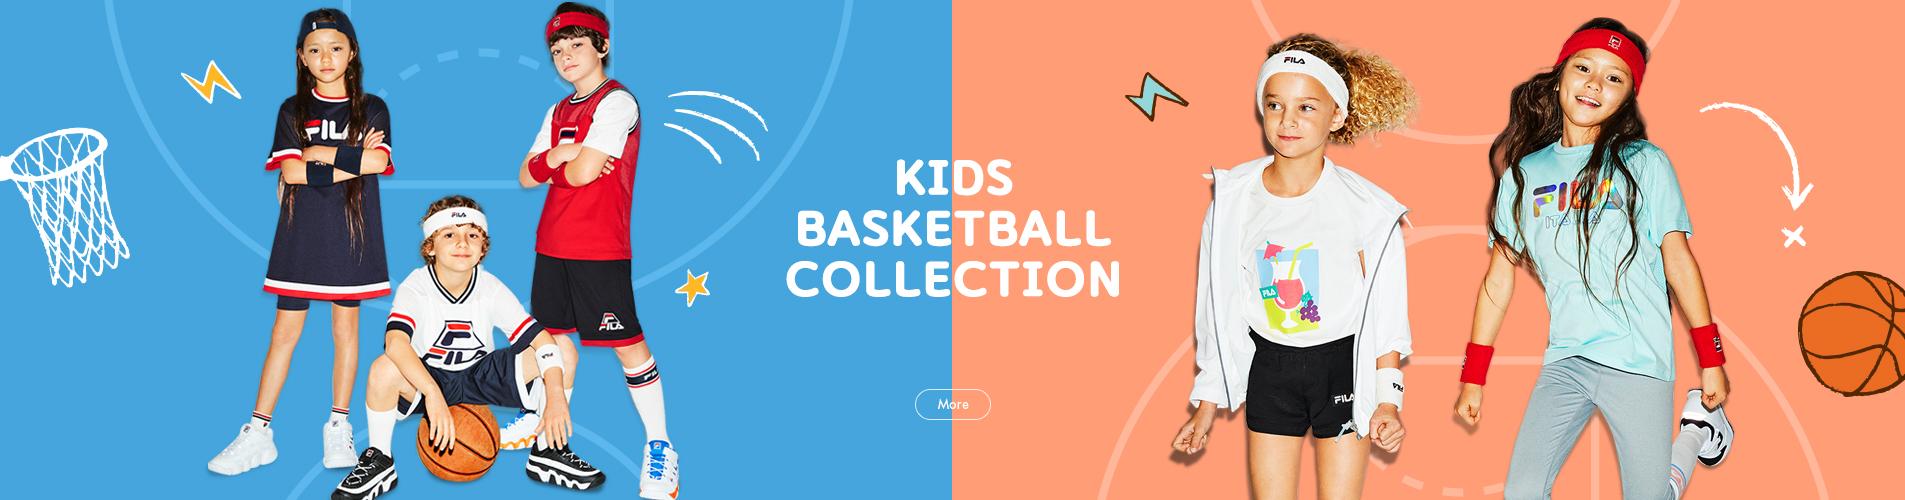 FILA KIDS BASKETBALL COLLECTION